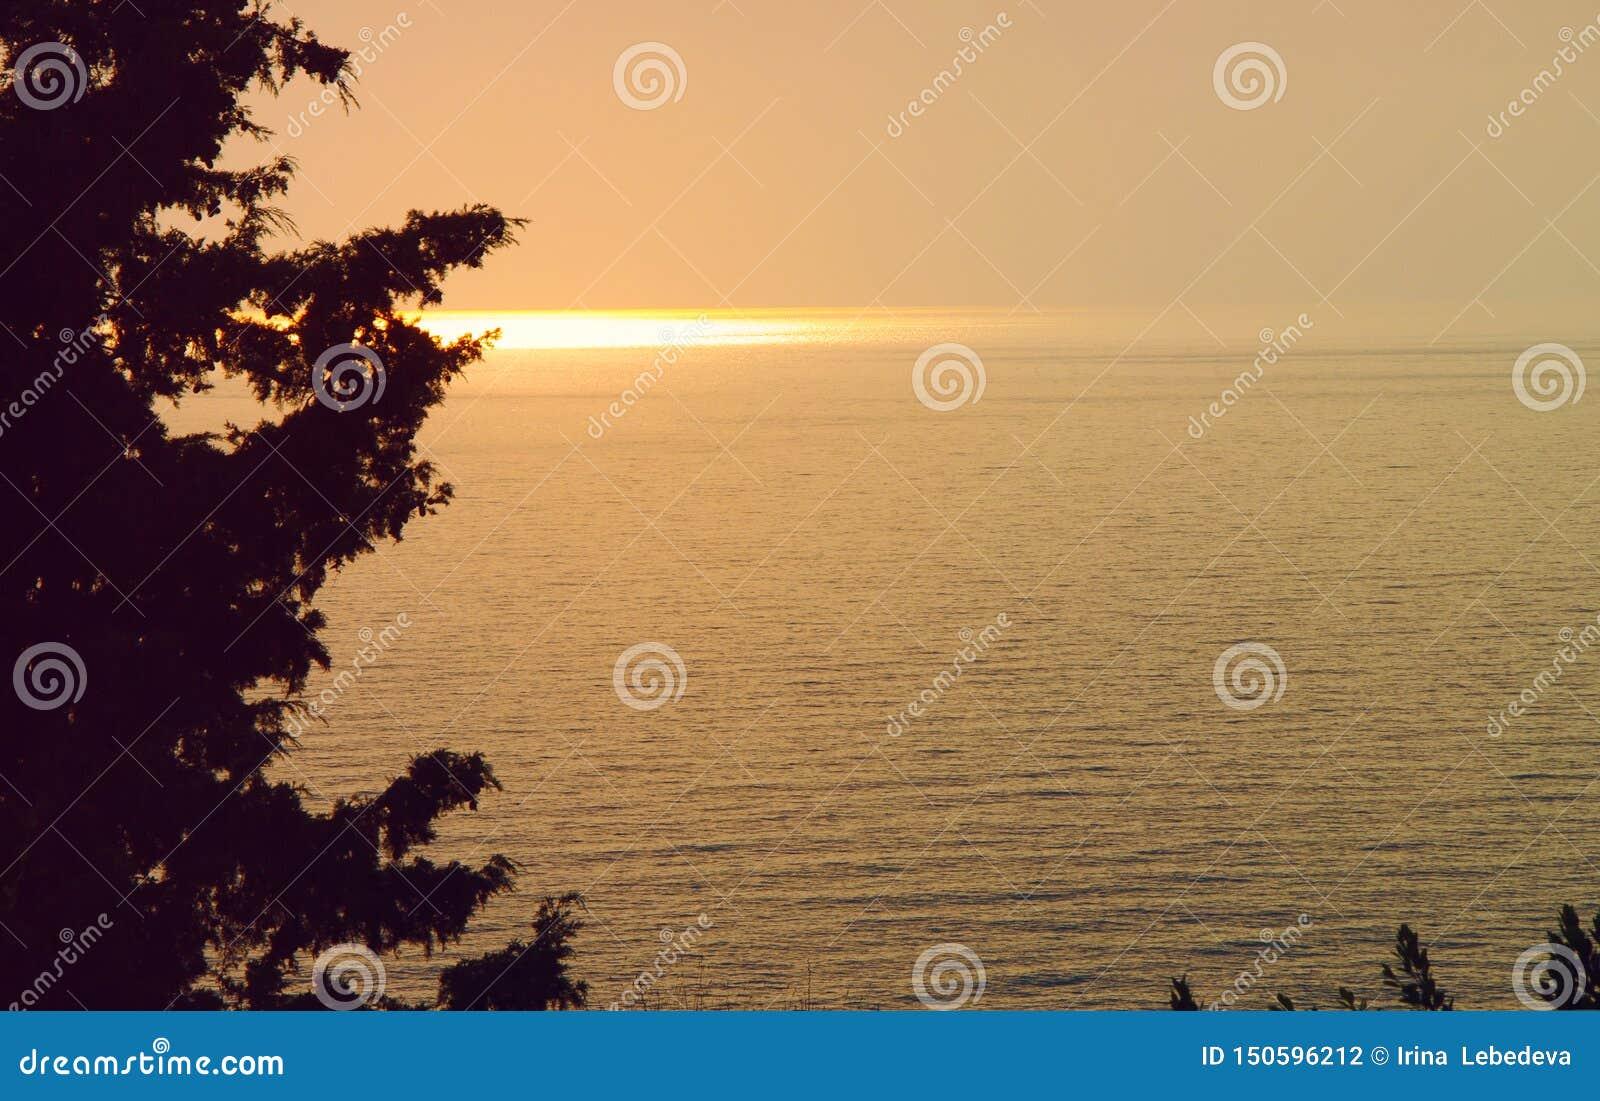 Hermosa vista de la puesta del sol y de la trayectoria soleada de los rayos del sol poniente